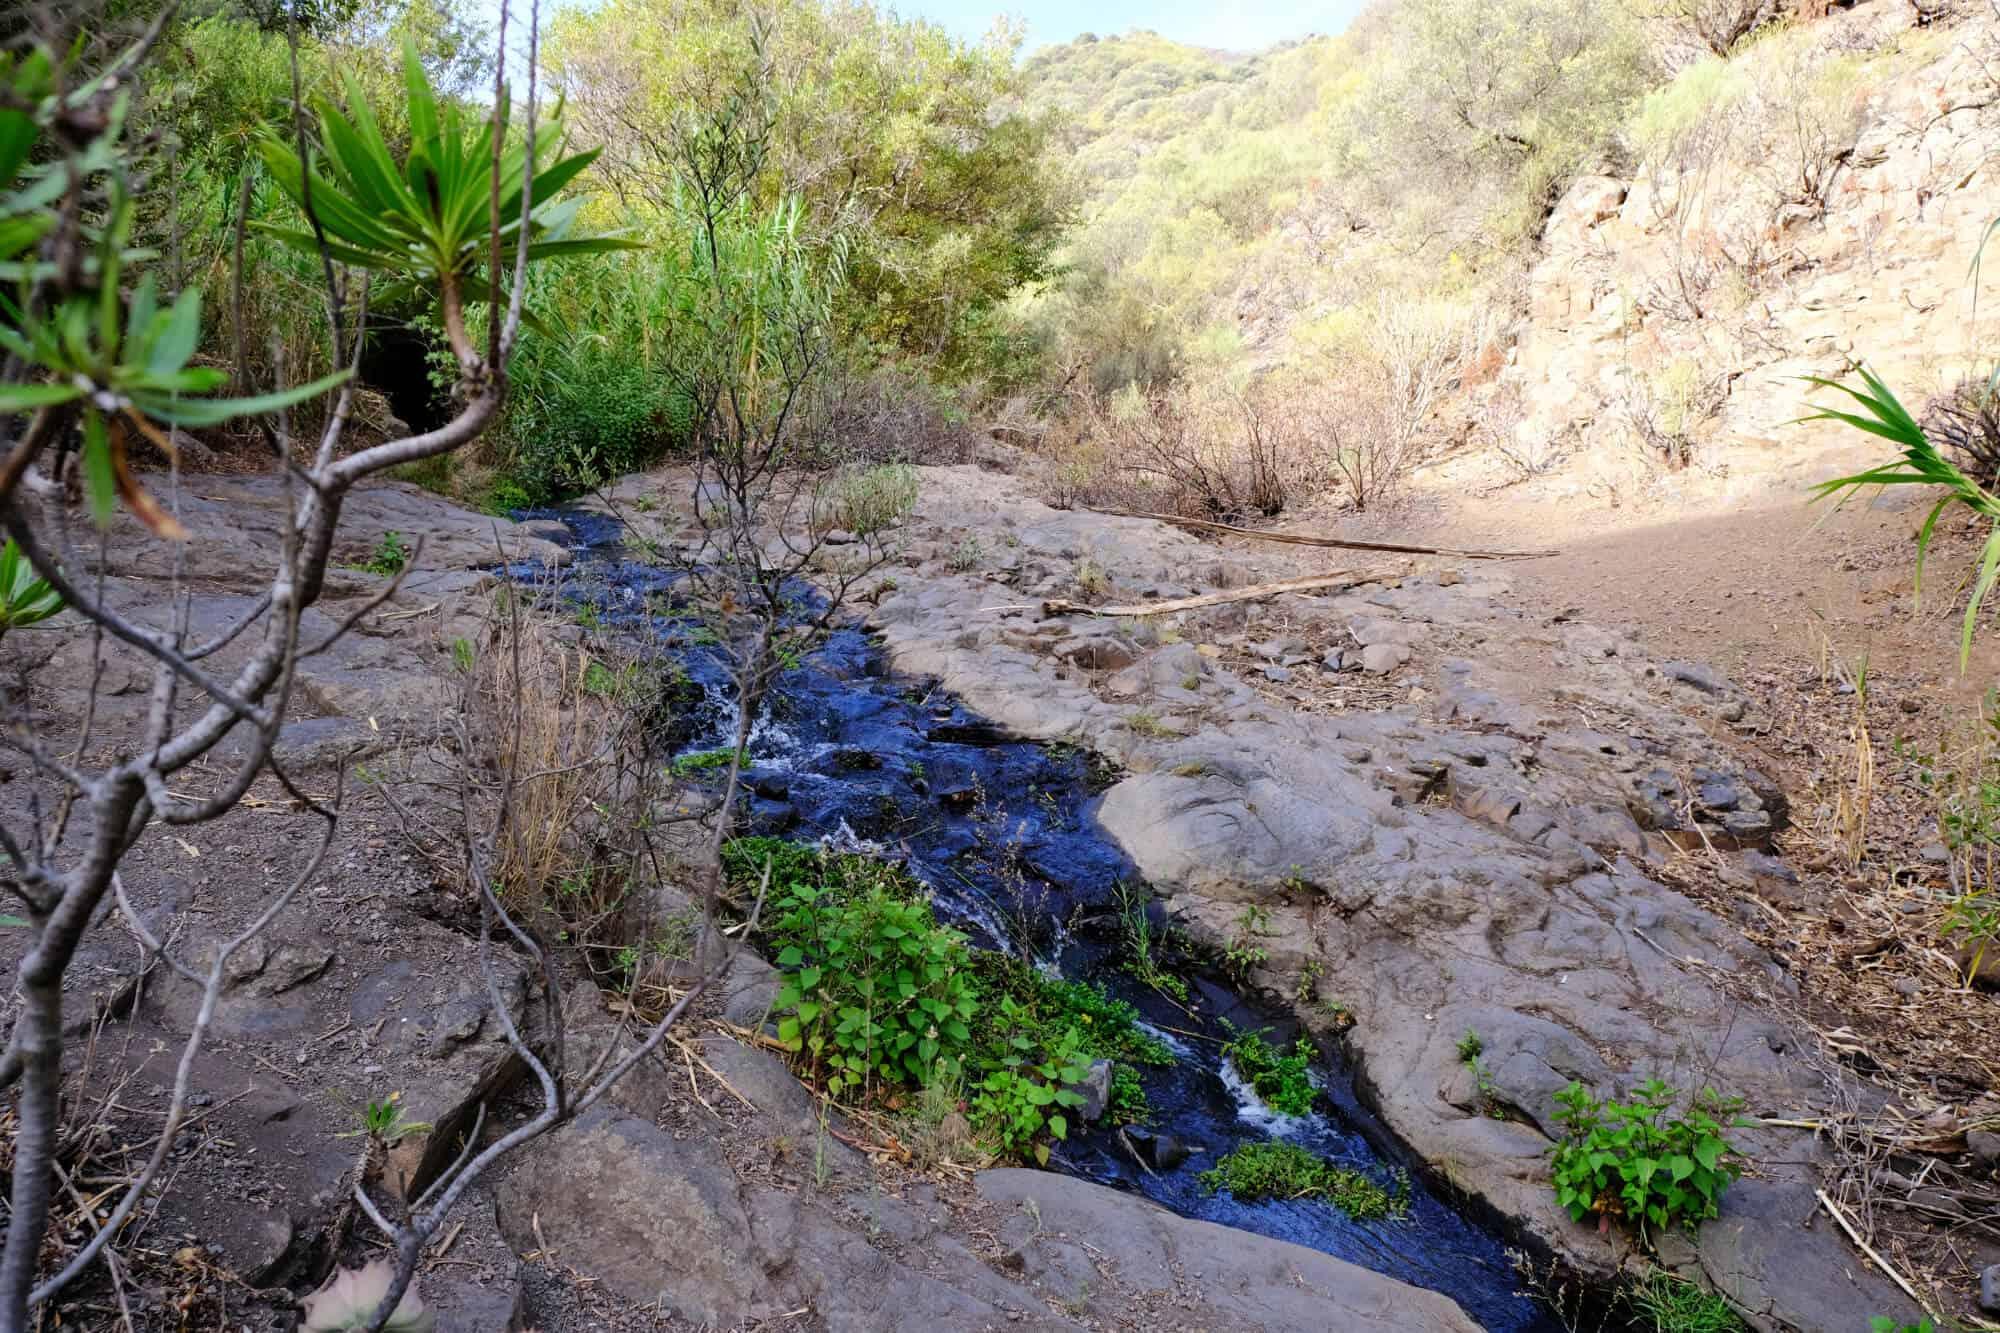 """Wir folgen dem Bach zu den Wasserfällen, den """"Cascadas Magicas""""."""